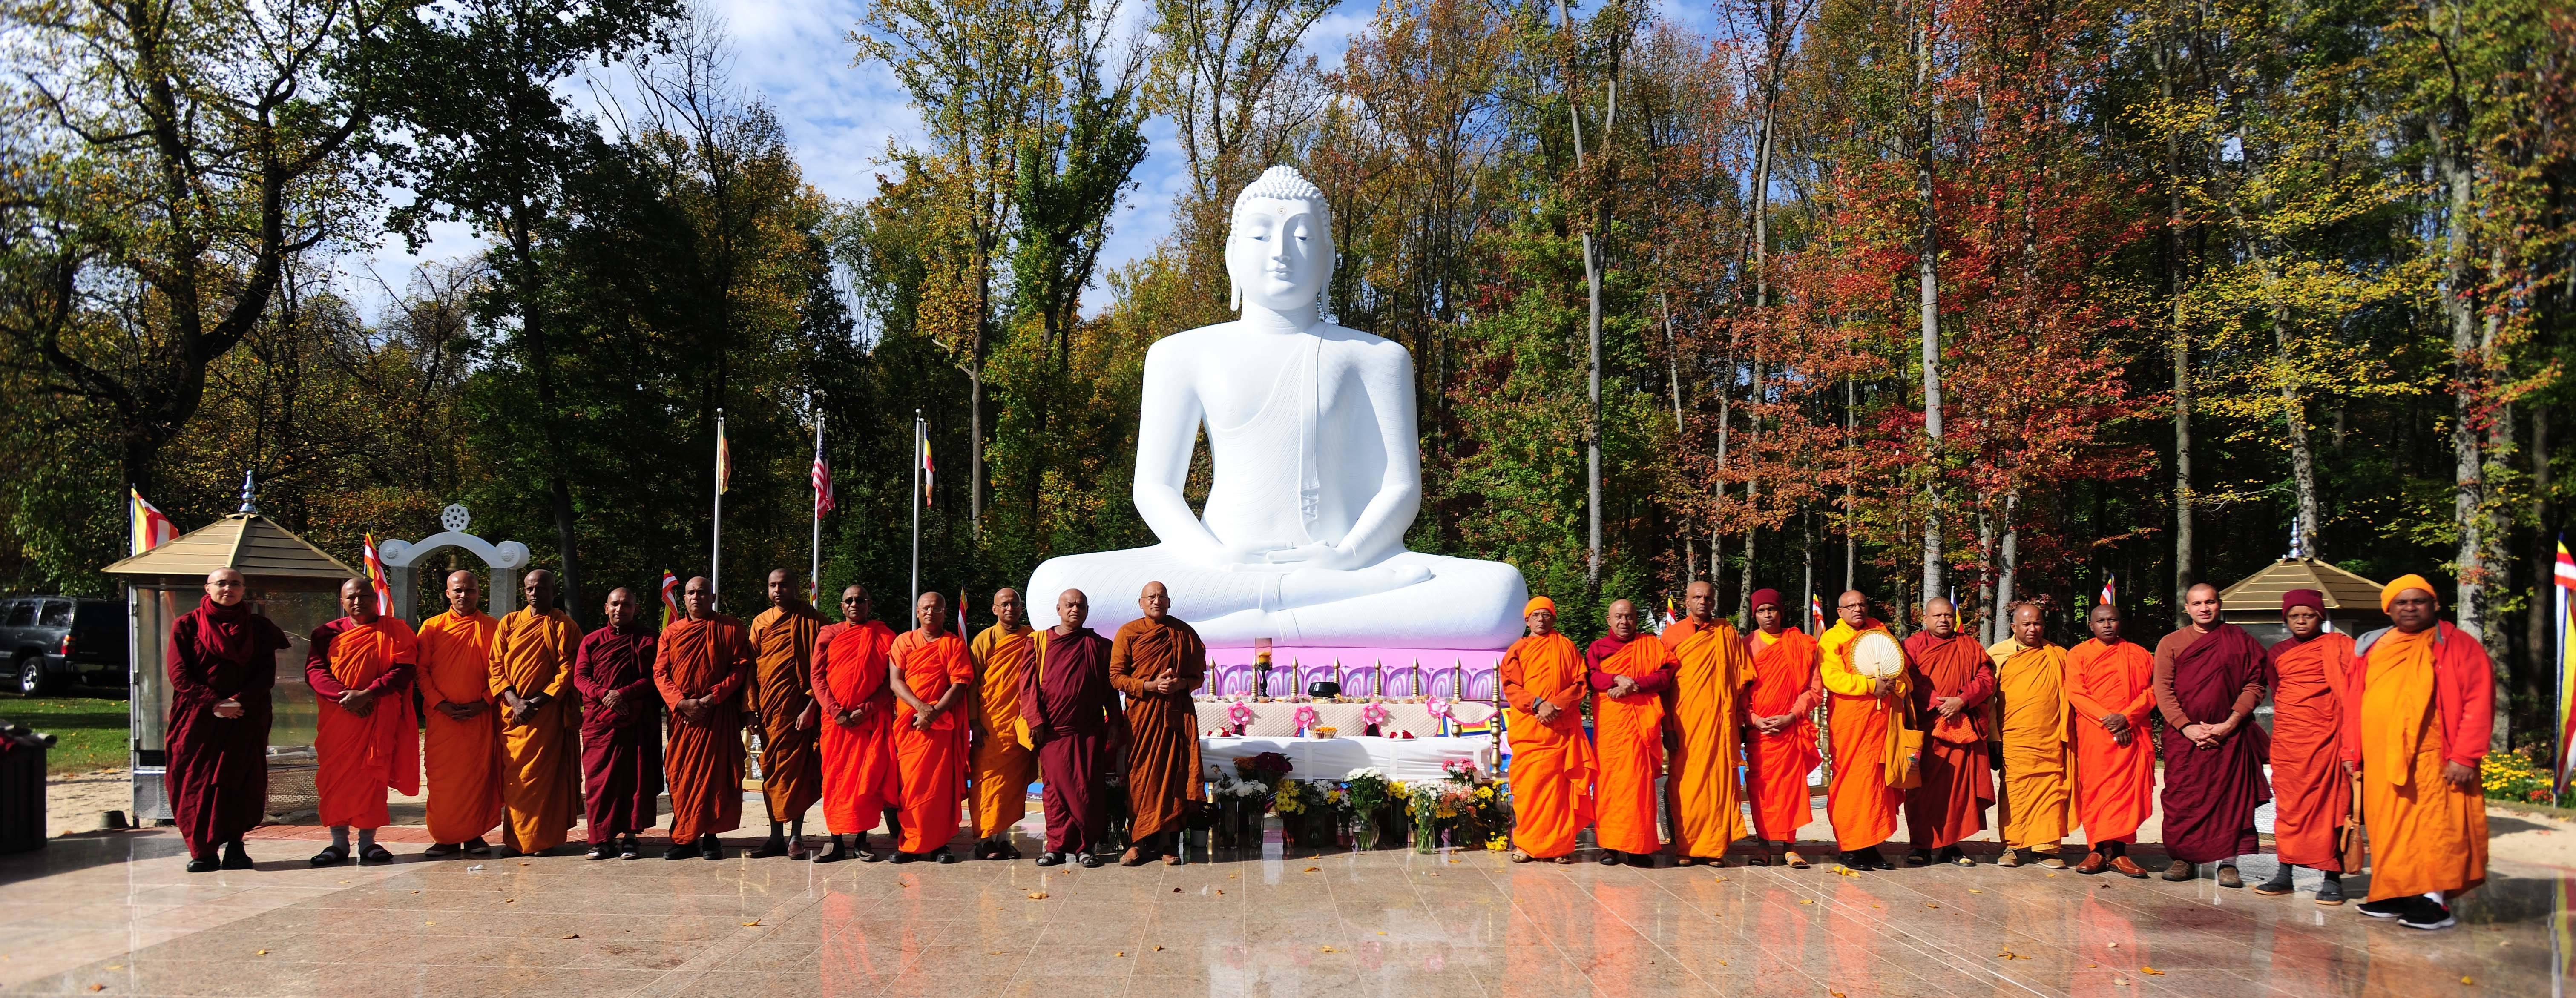 e0335f9682cc92558a8e_Buddha.jpg